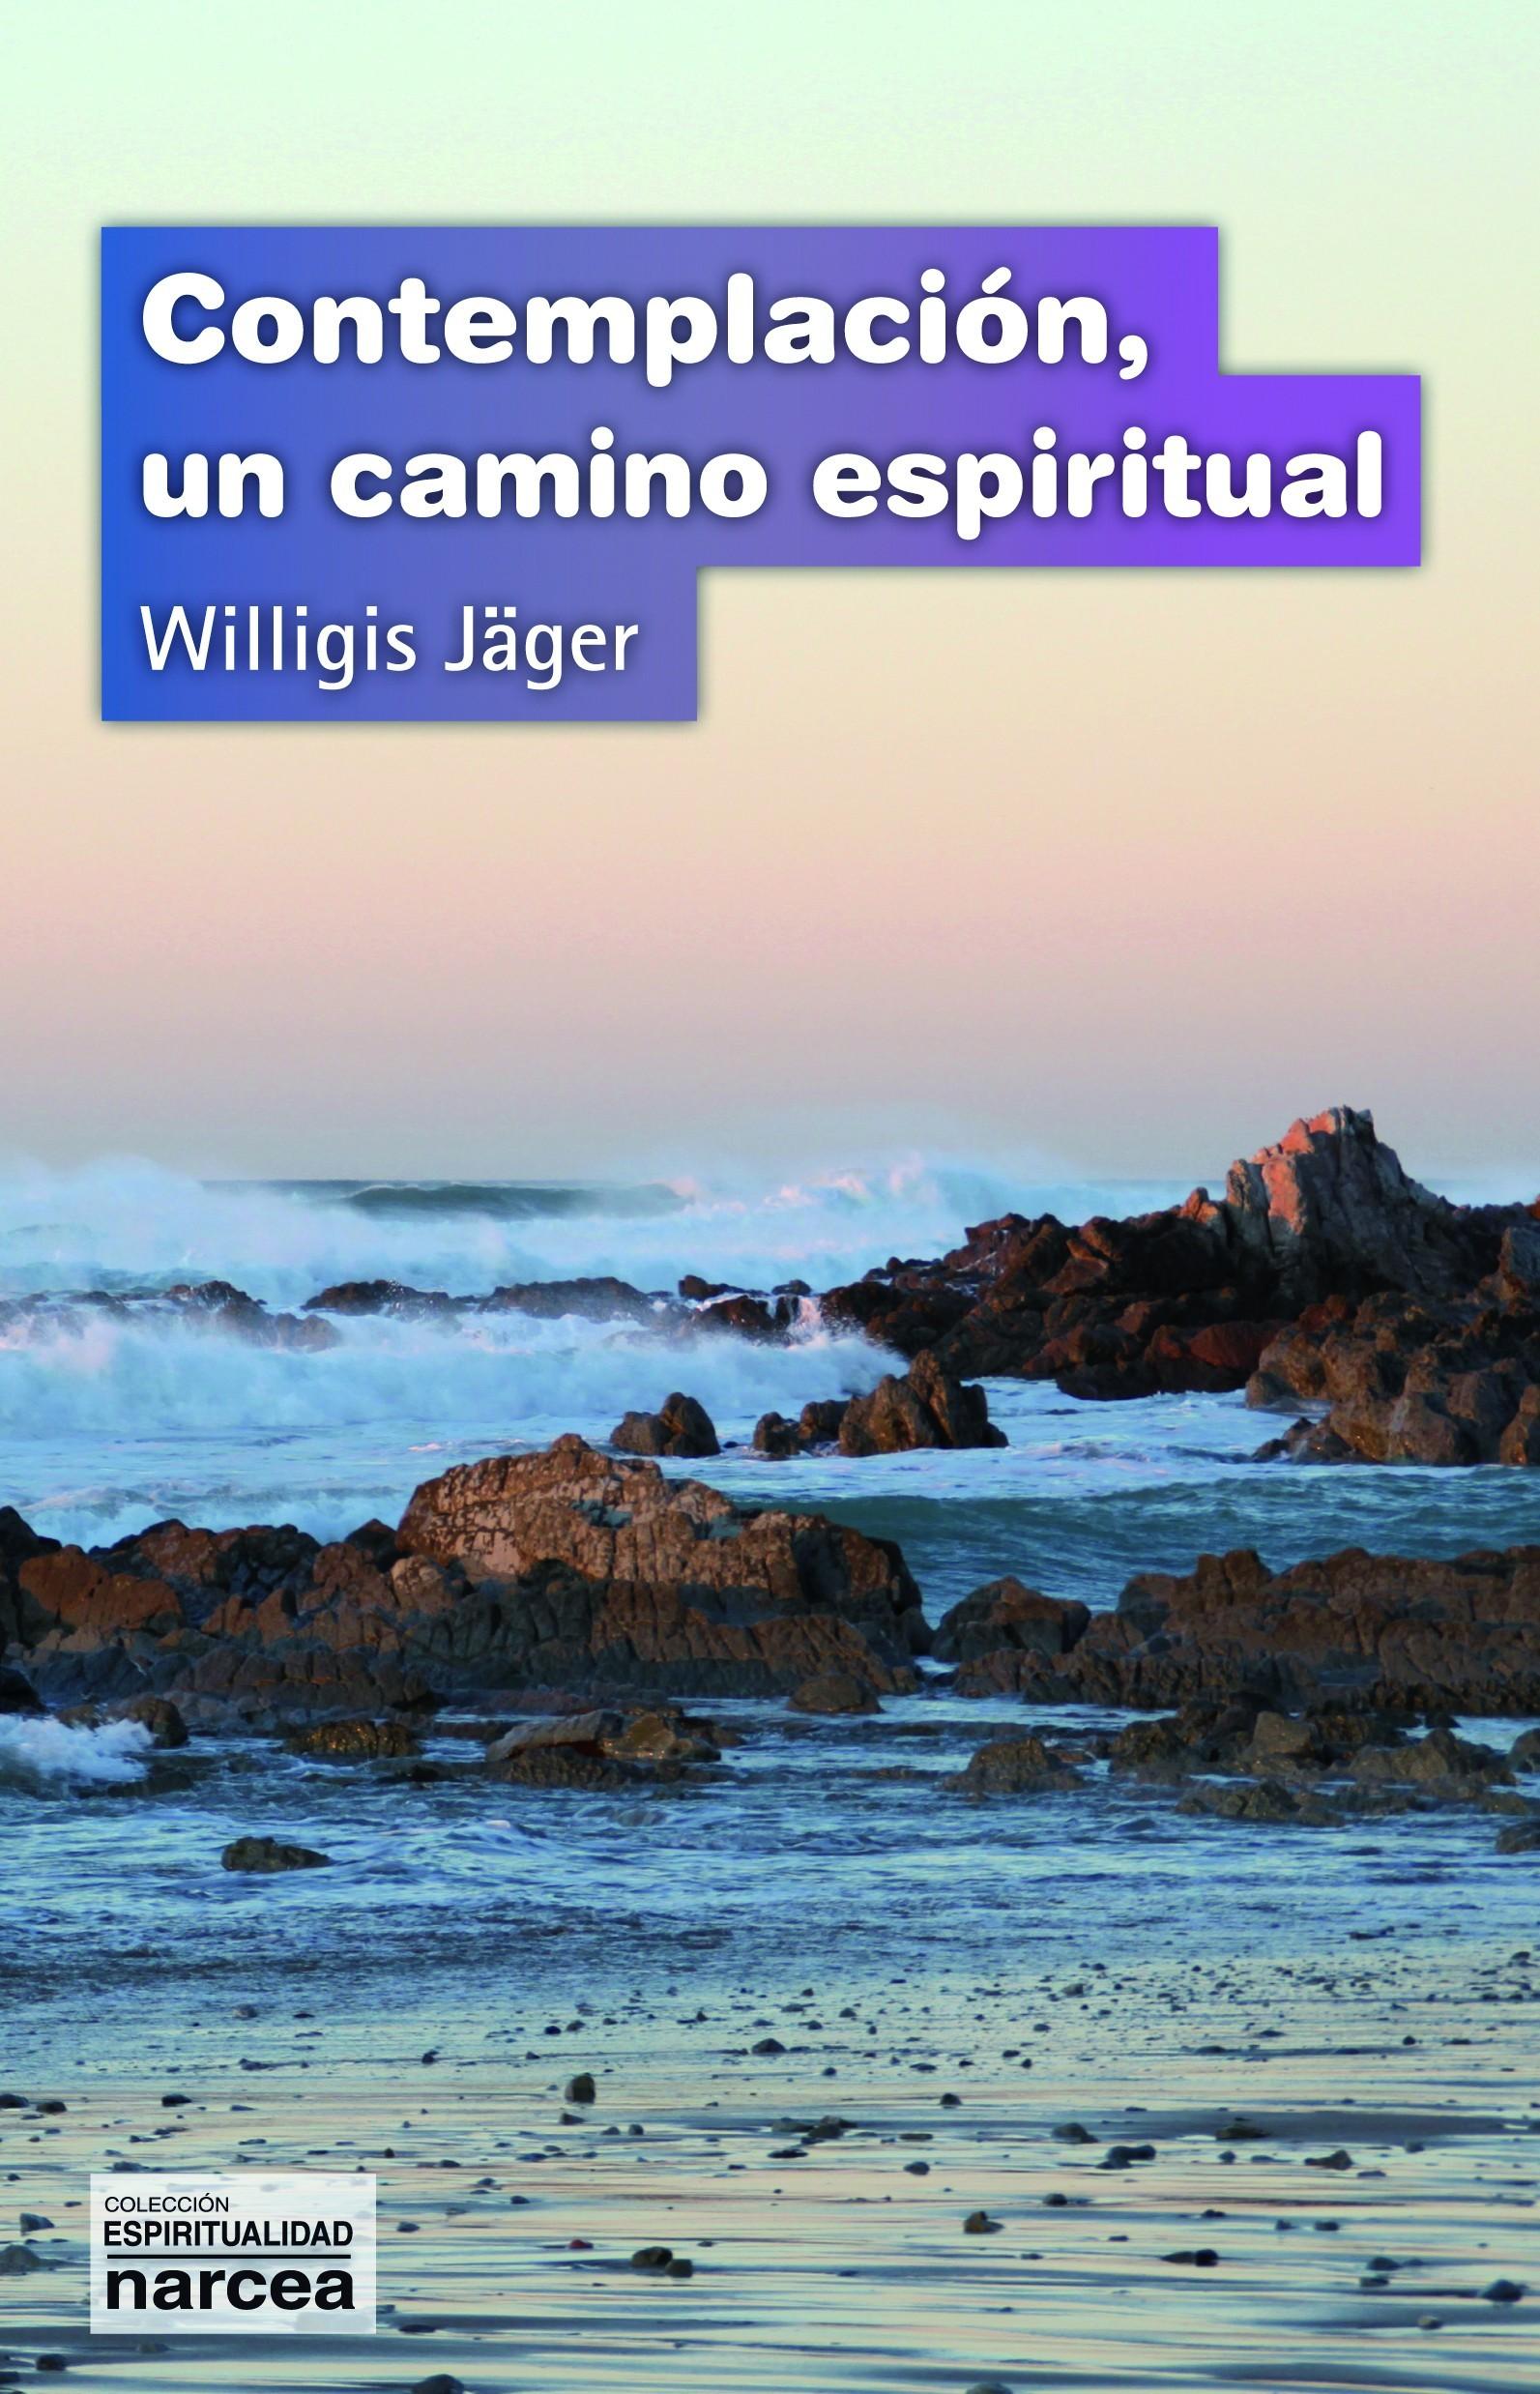 Contemplación, un camino espiritual